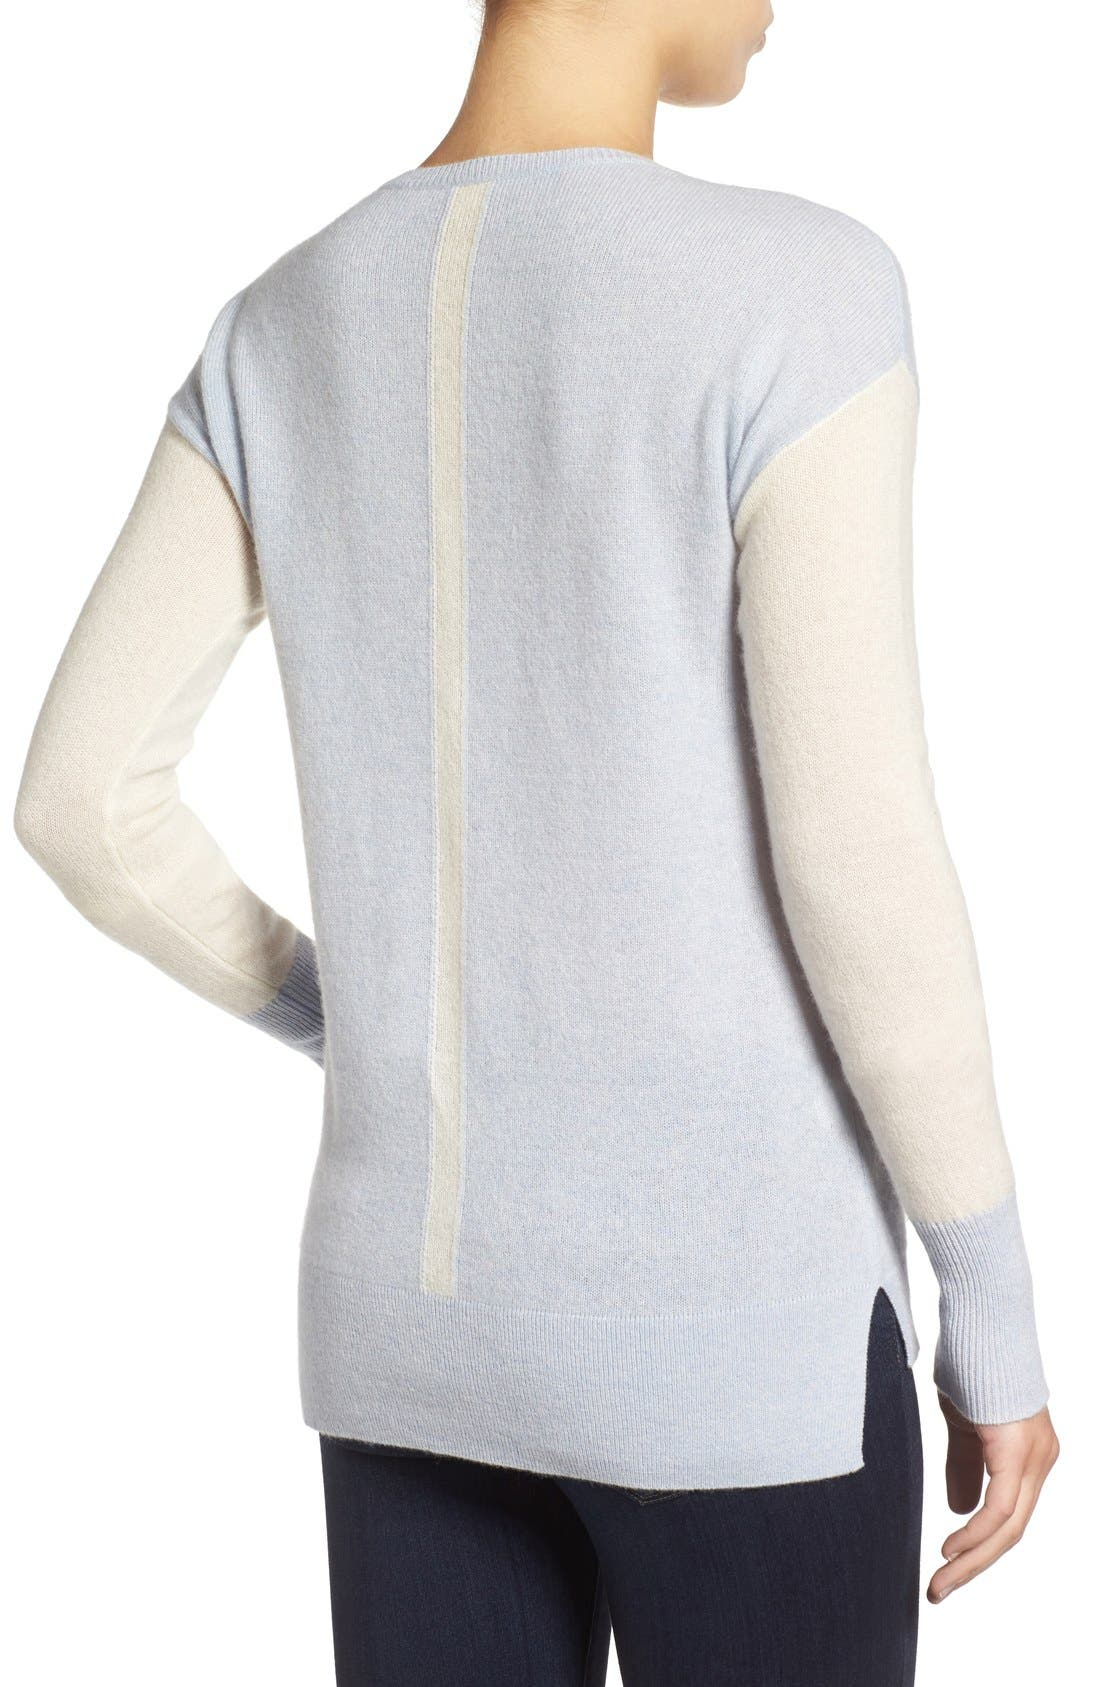 Alternate Image 2  - Halogen® Cashmere V-Neck Sweater (Regular & Petite)